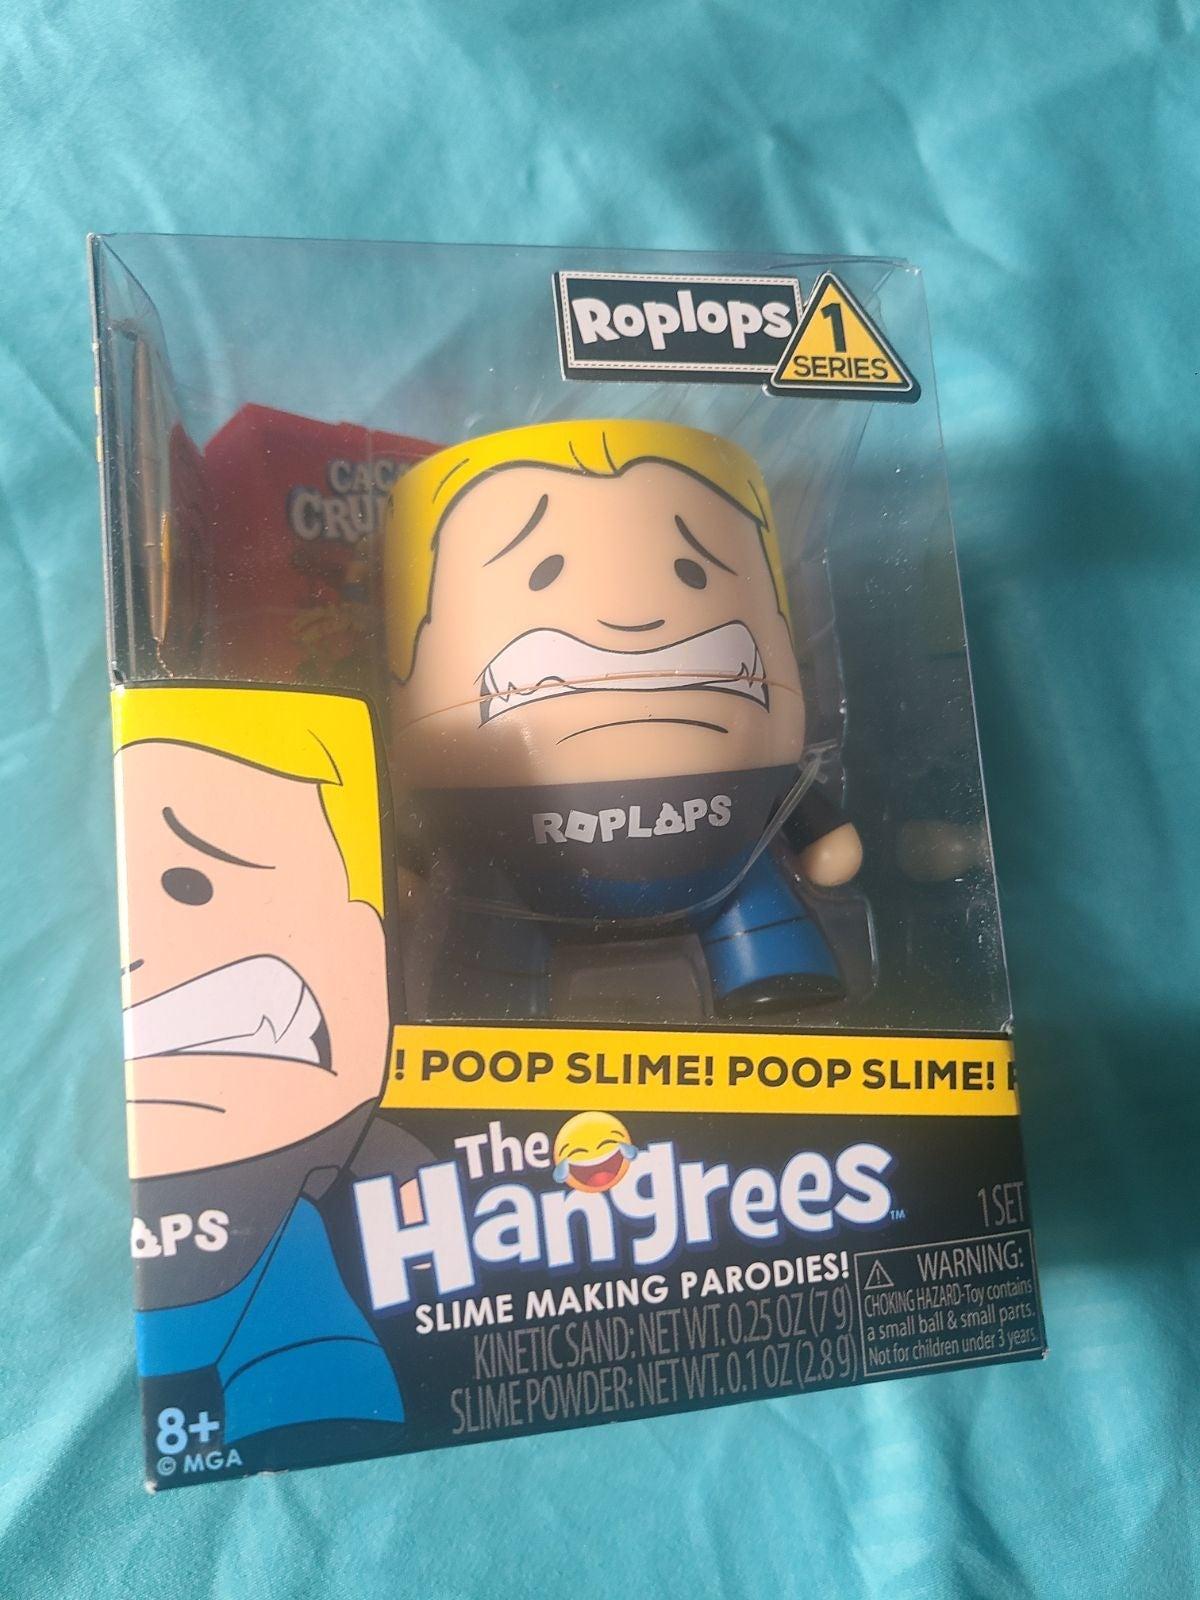 The Hangrees - Roplops